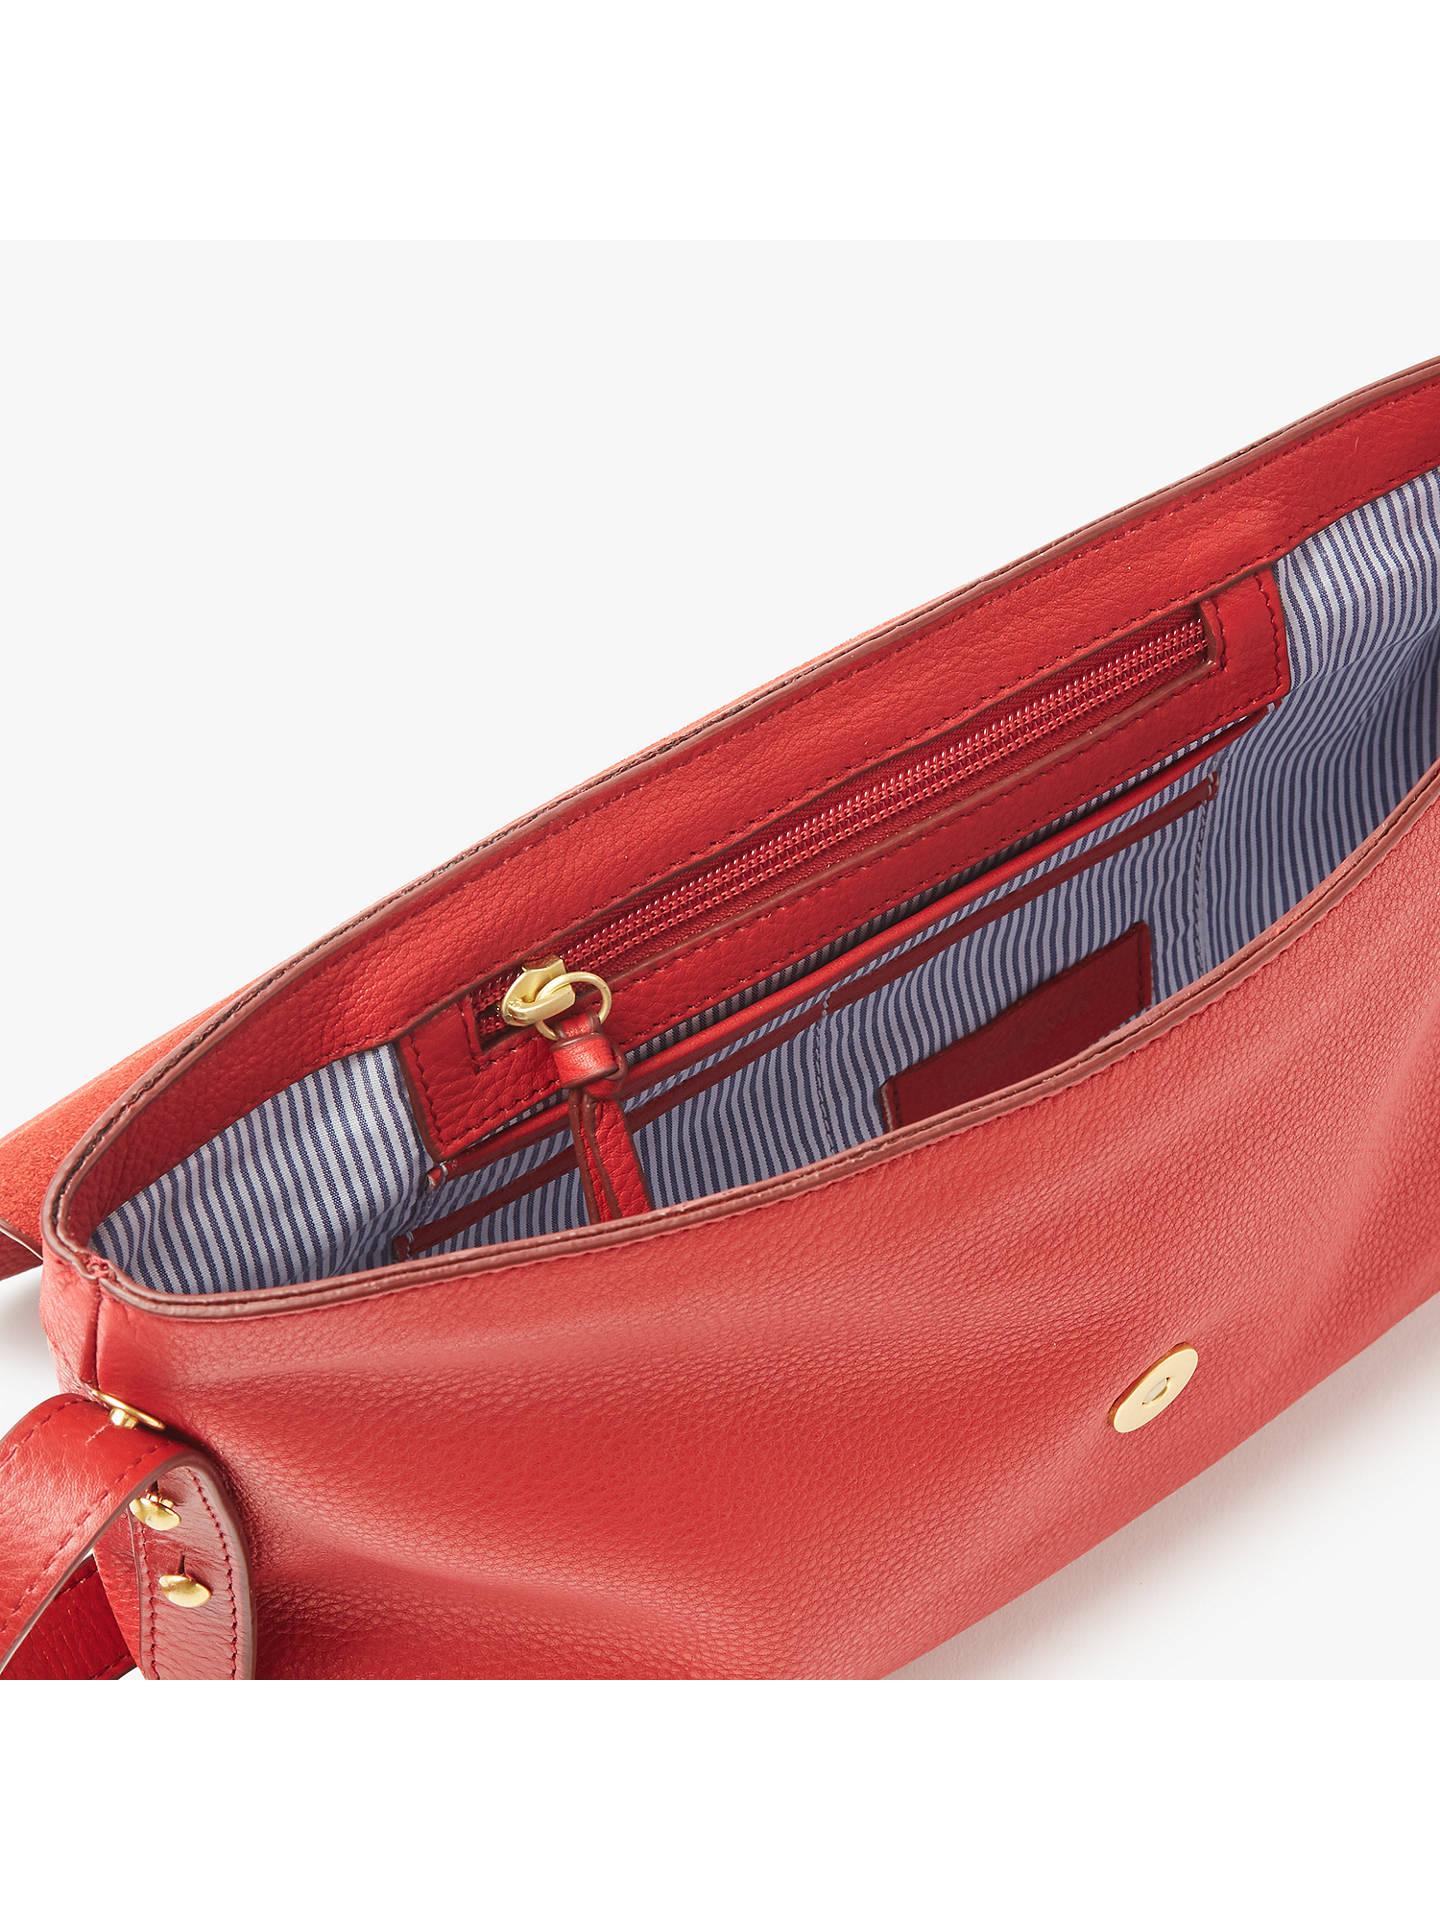 John Lewis Partners Rhea Leather Shoulder Bag Red Online At Johnlewis